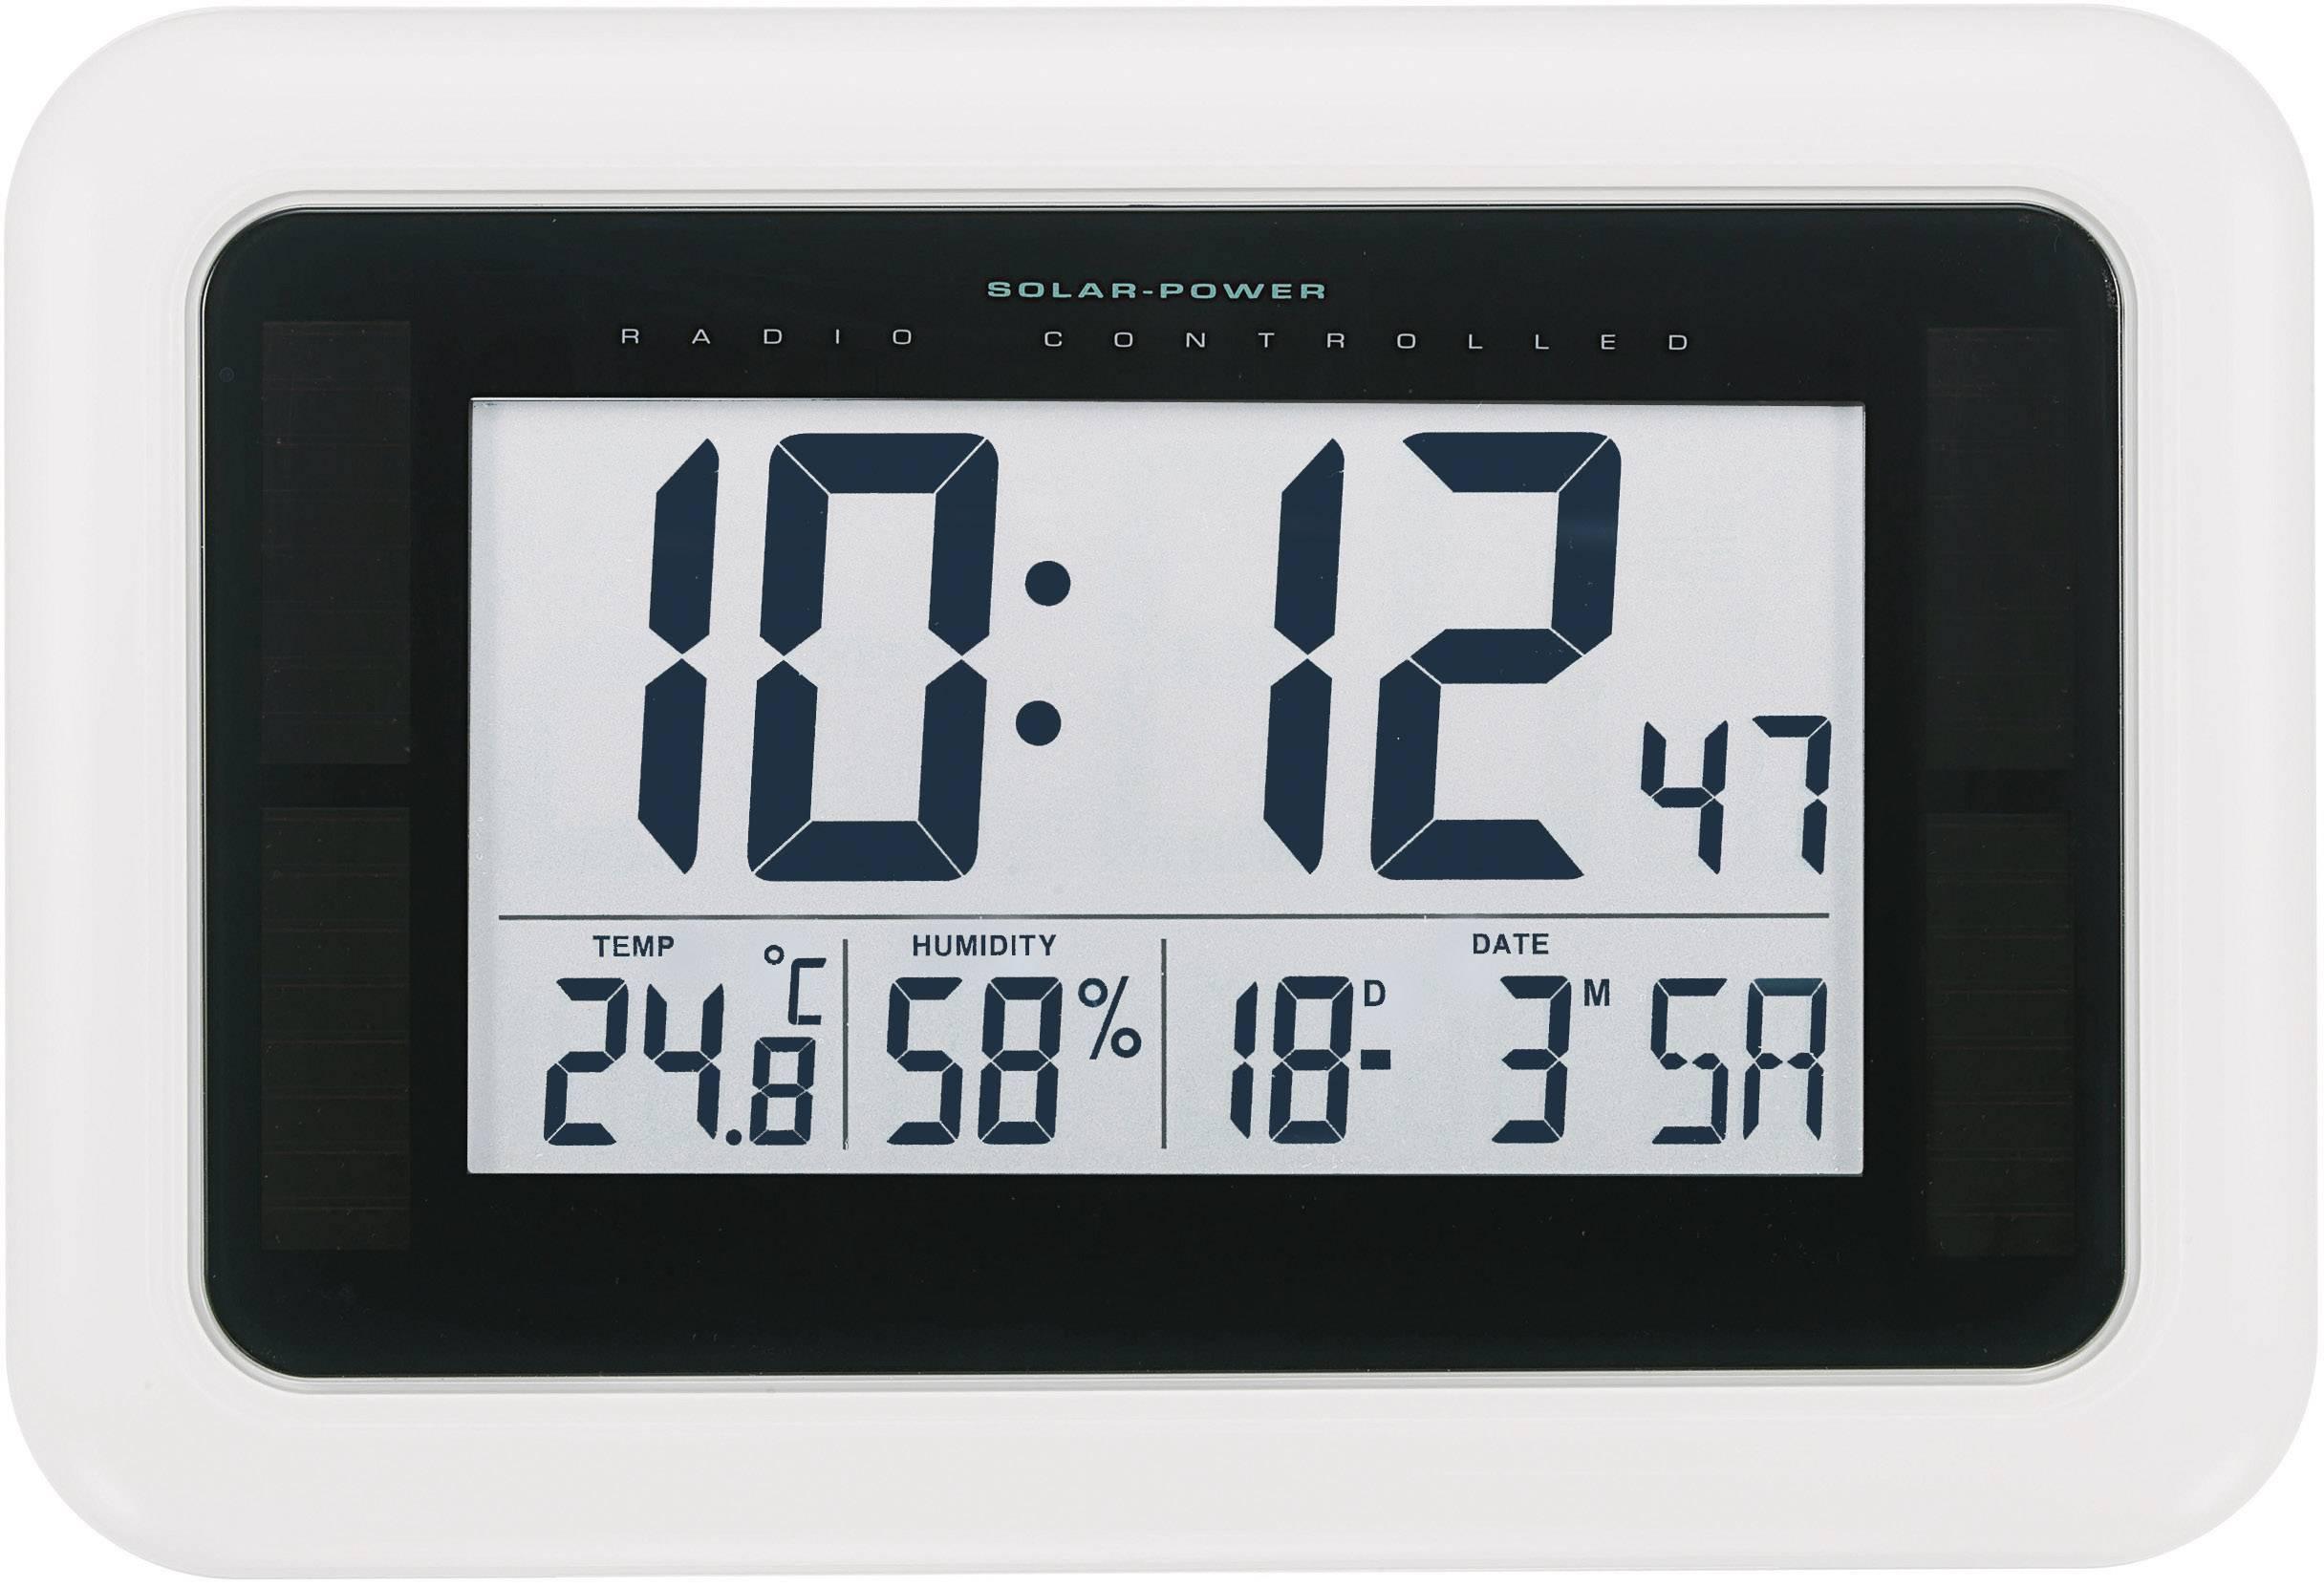 Solární nástěnné DCF hodiny, KW9101, 280 x 190 x 23 mm, bílá